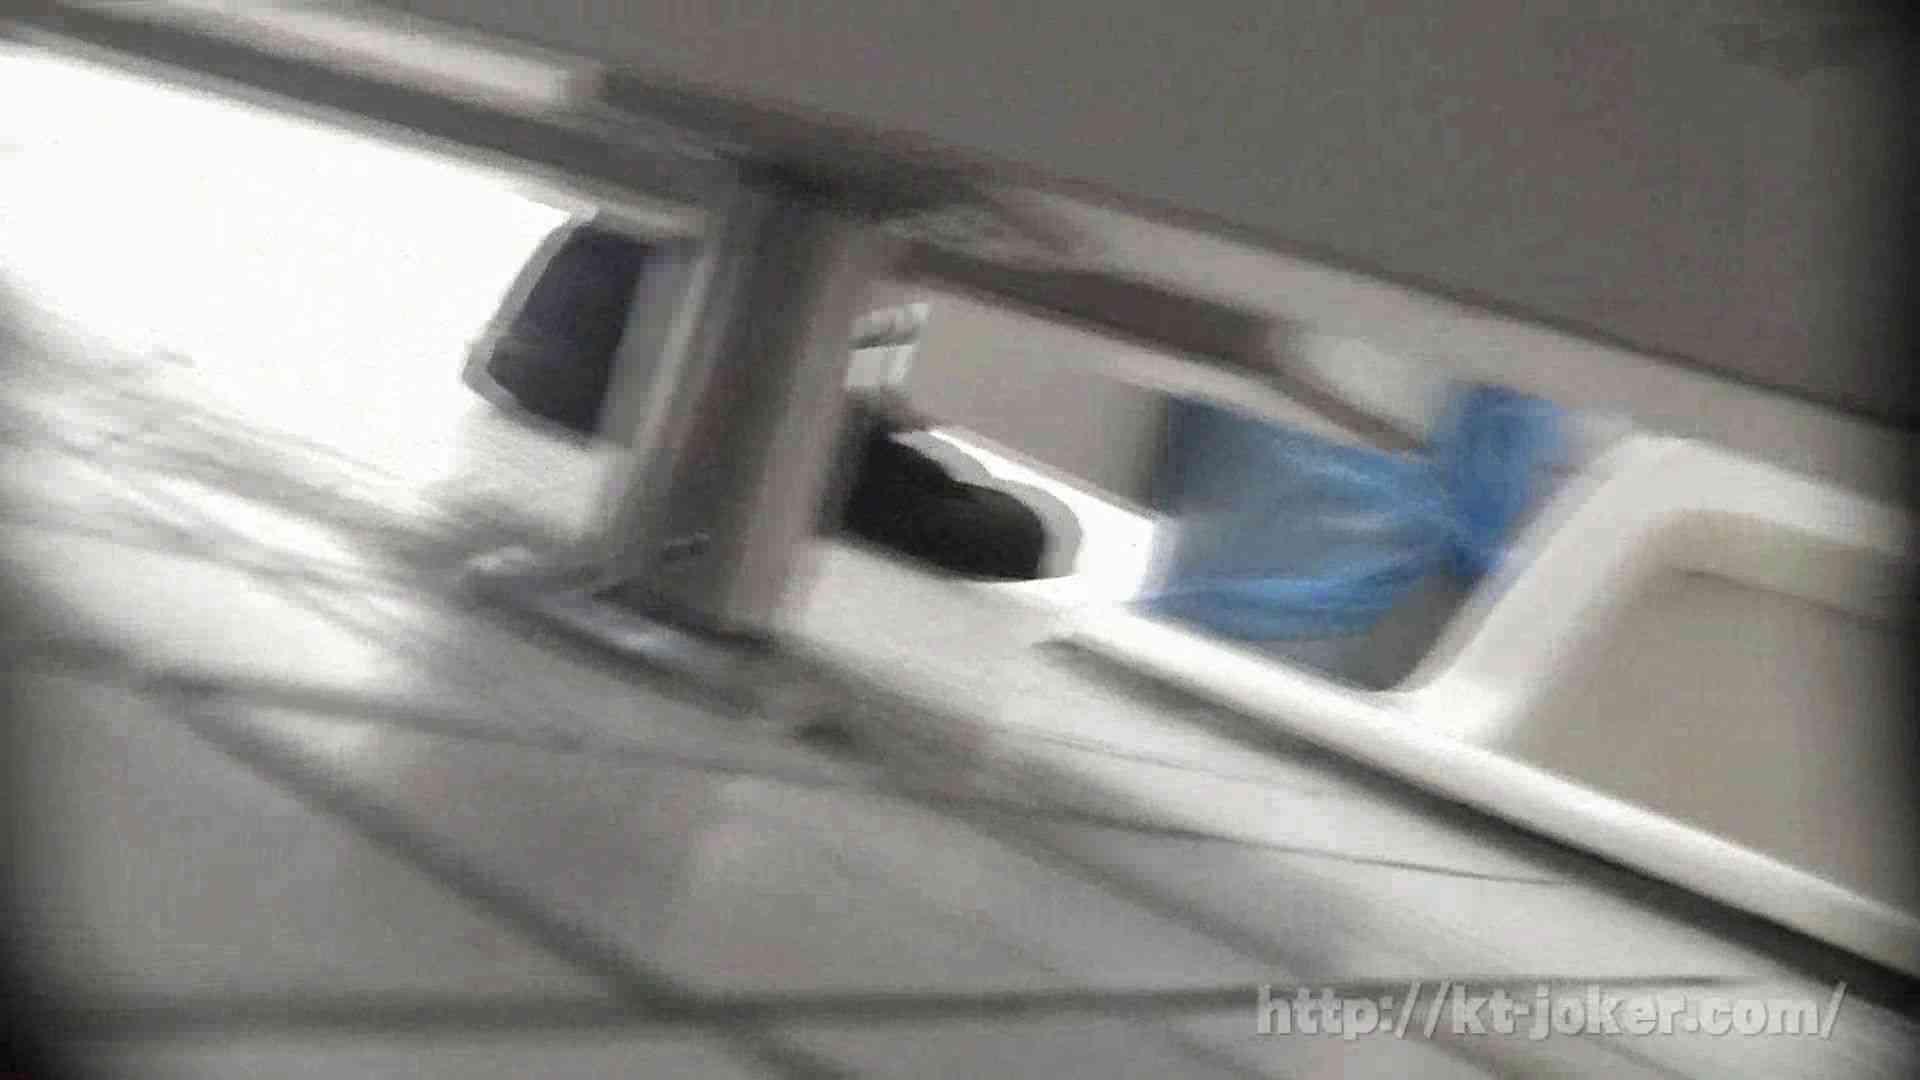 命がけ潜伏洗面所! vol.69 あのかわいい子がついフロント撮り実演 美しいOLの裸体 | プライベート  71pic 16